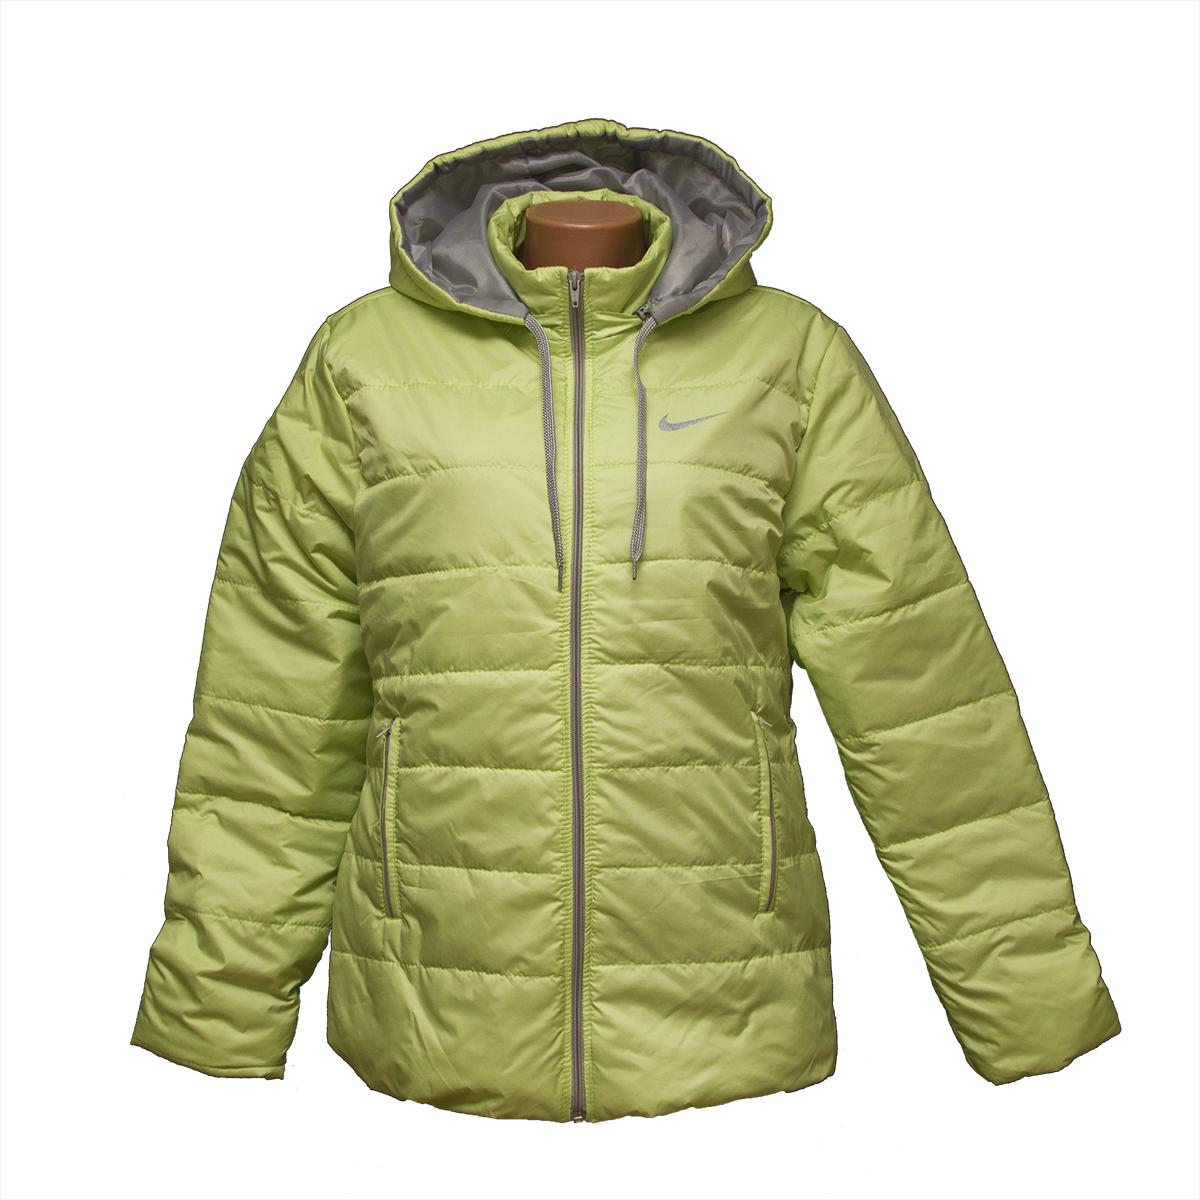 a8bf887db49 Куртка женская больших размеров интернет магазин KD1425 оптом и в ...